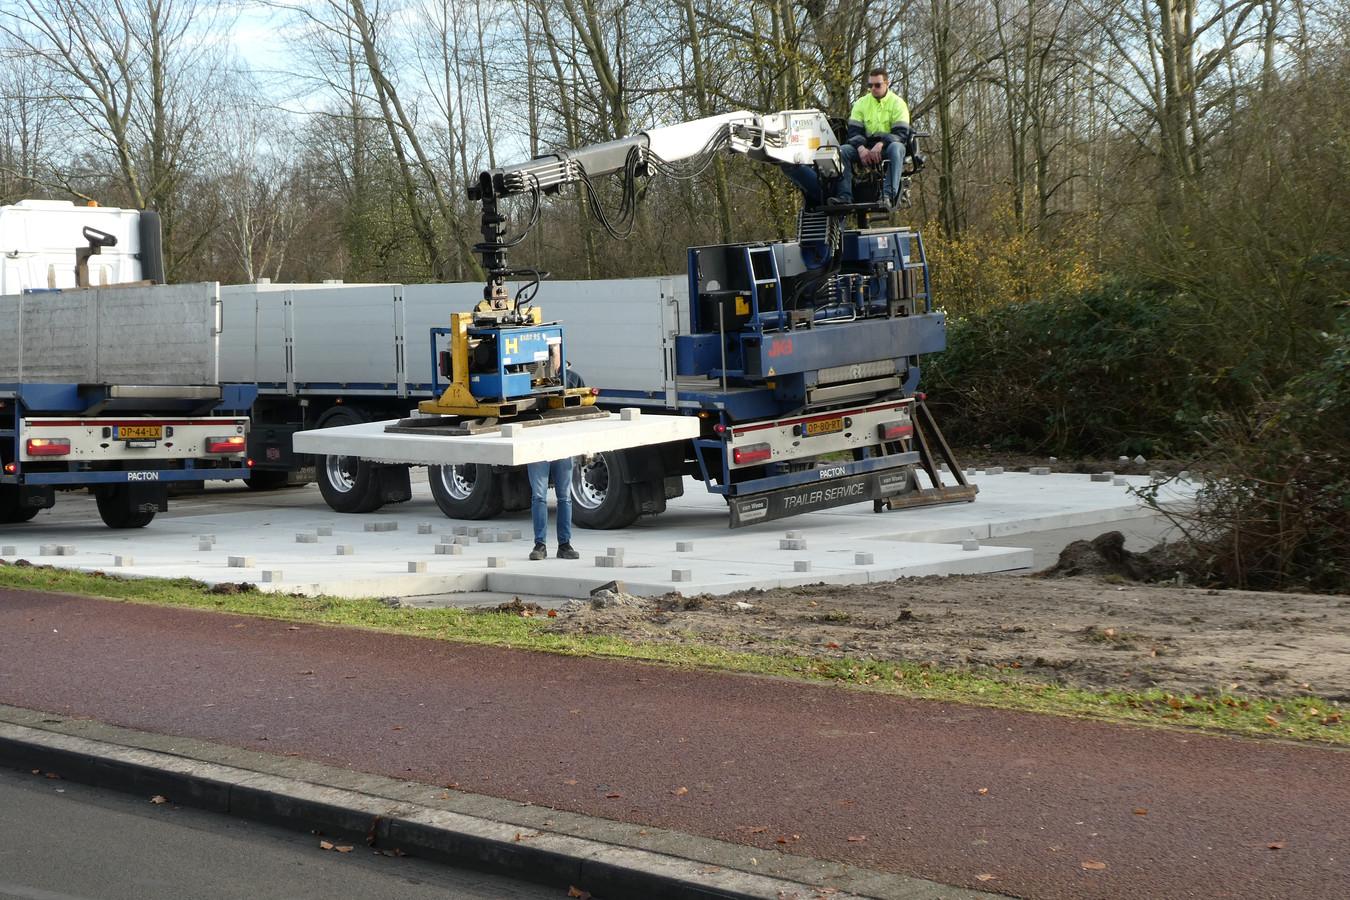 Er worden stelplaten gelegd naast de Schijndelsweg (Adrianustracé) in Sint-Michielsgestel.